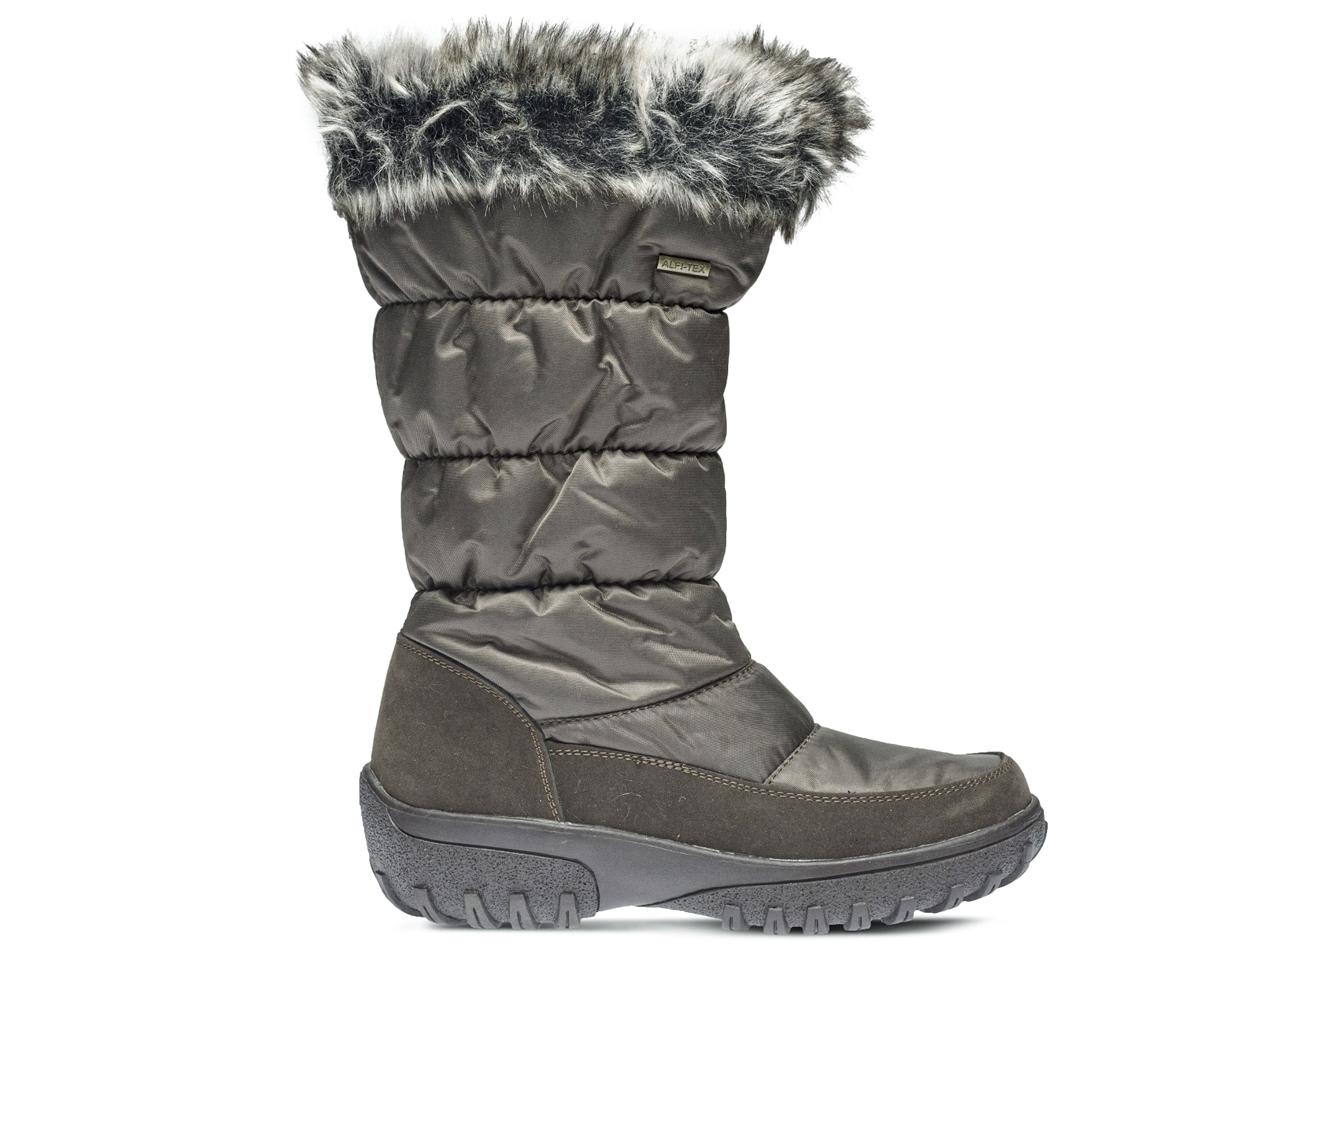 Flexus Vanish Women's Boots (Brown Canvas)